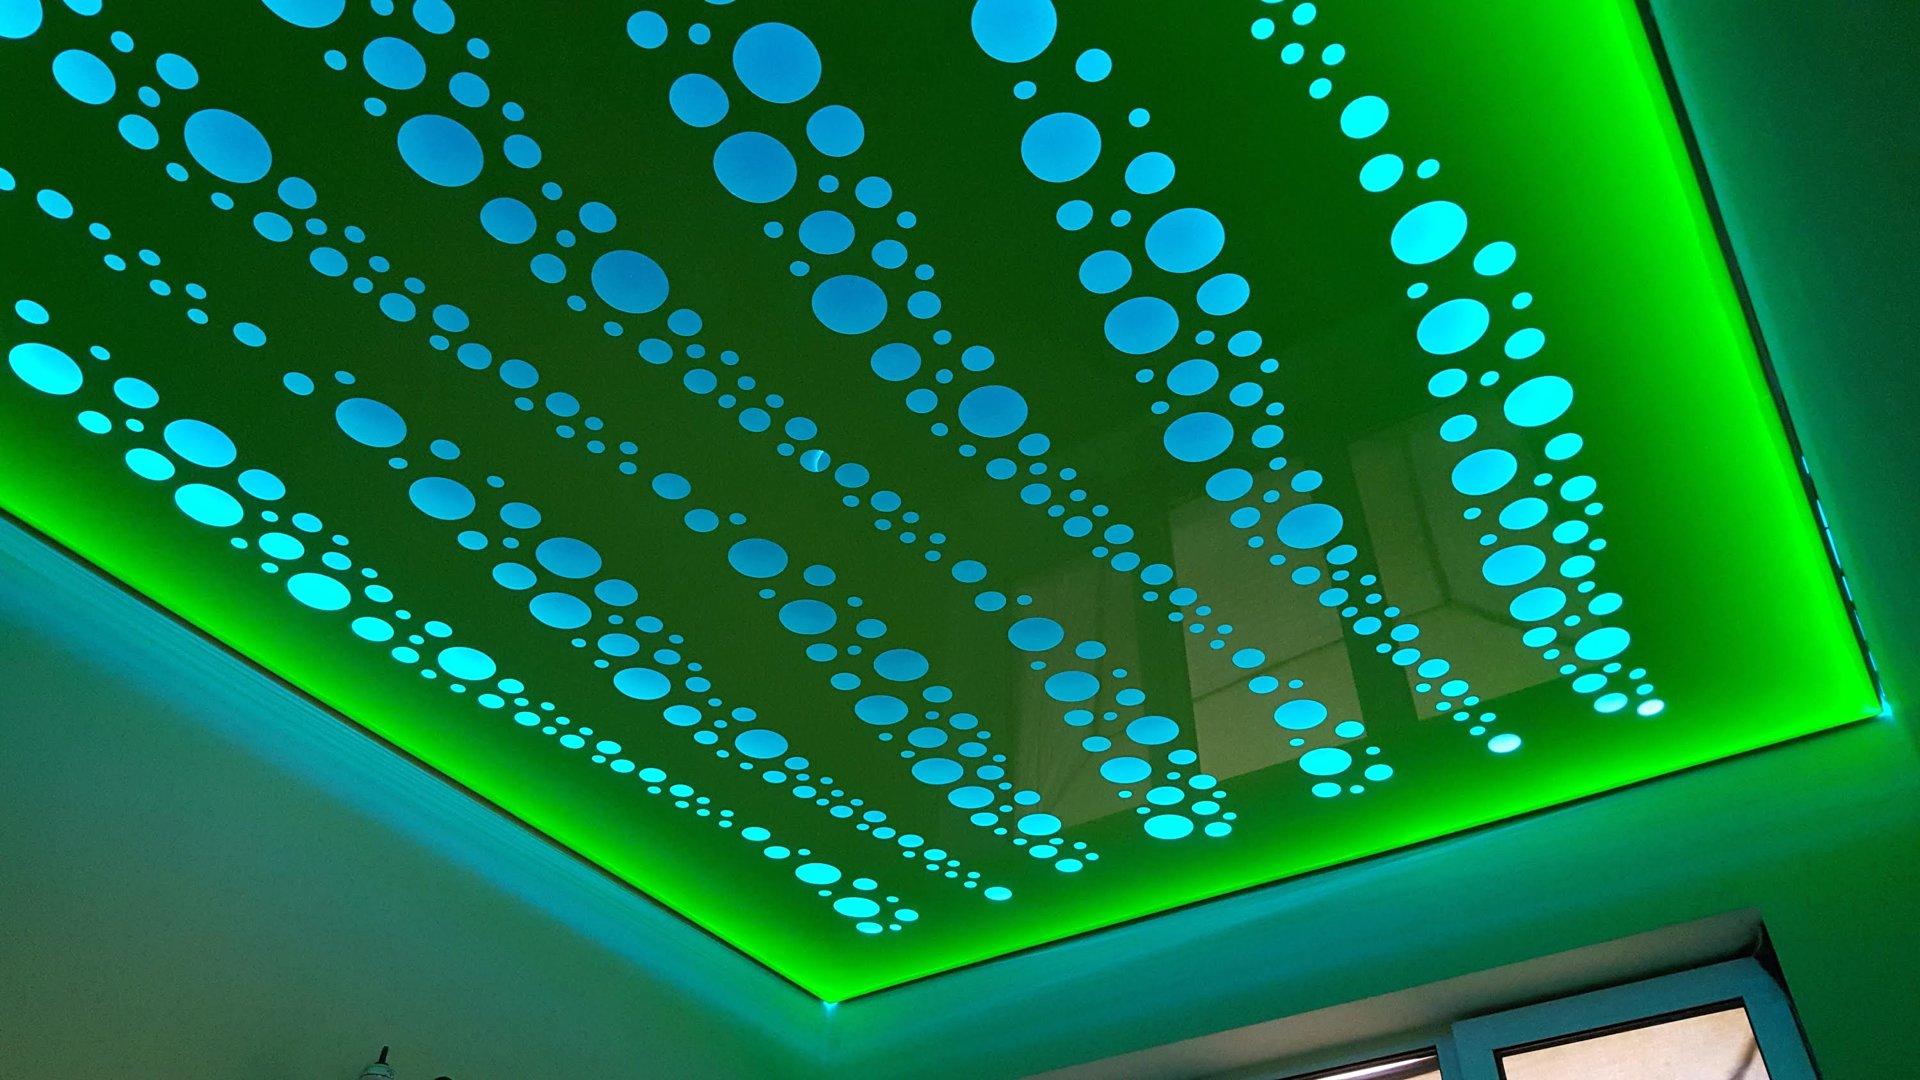 Резной натяжной потолок с подсветкой